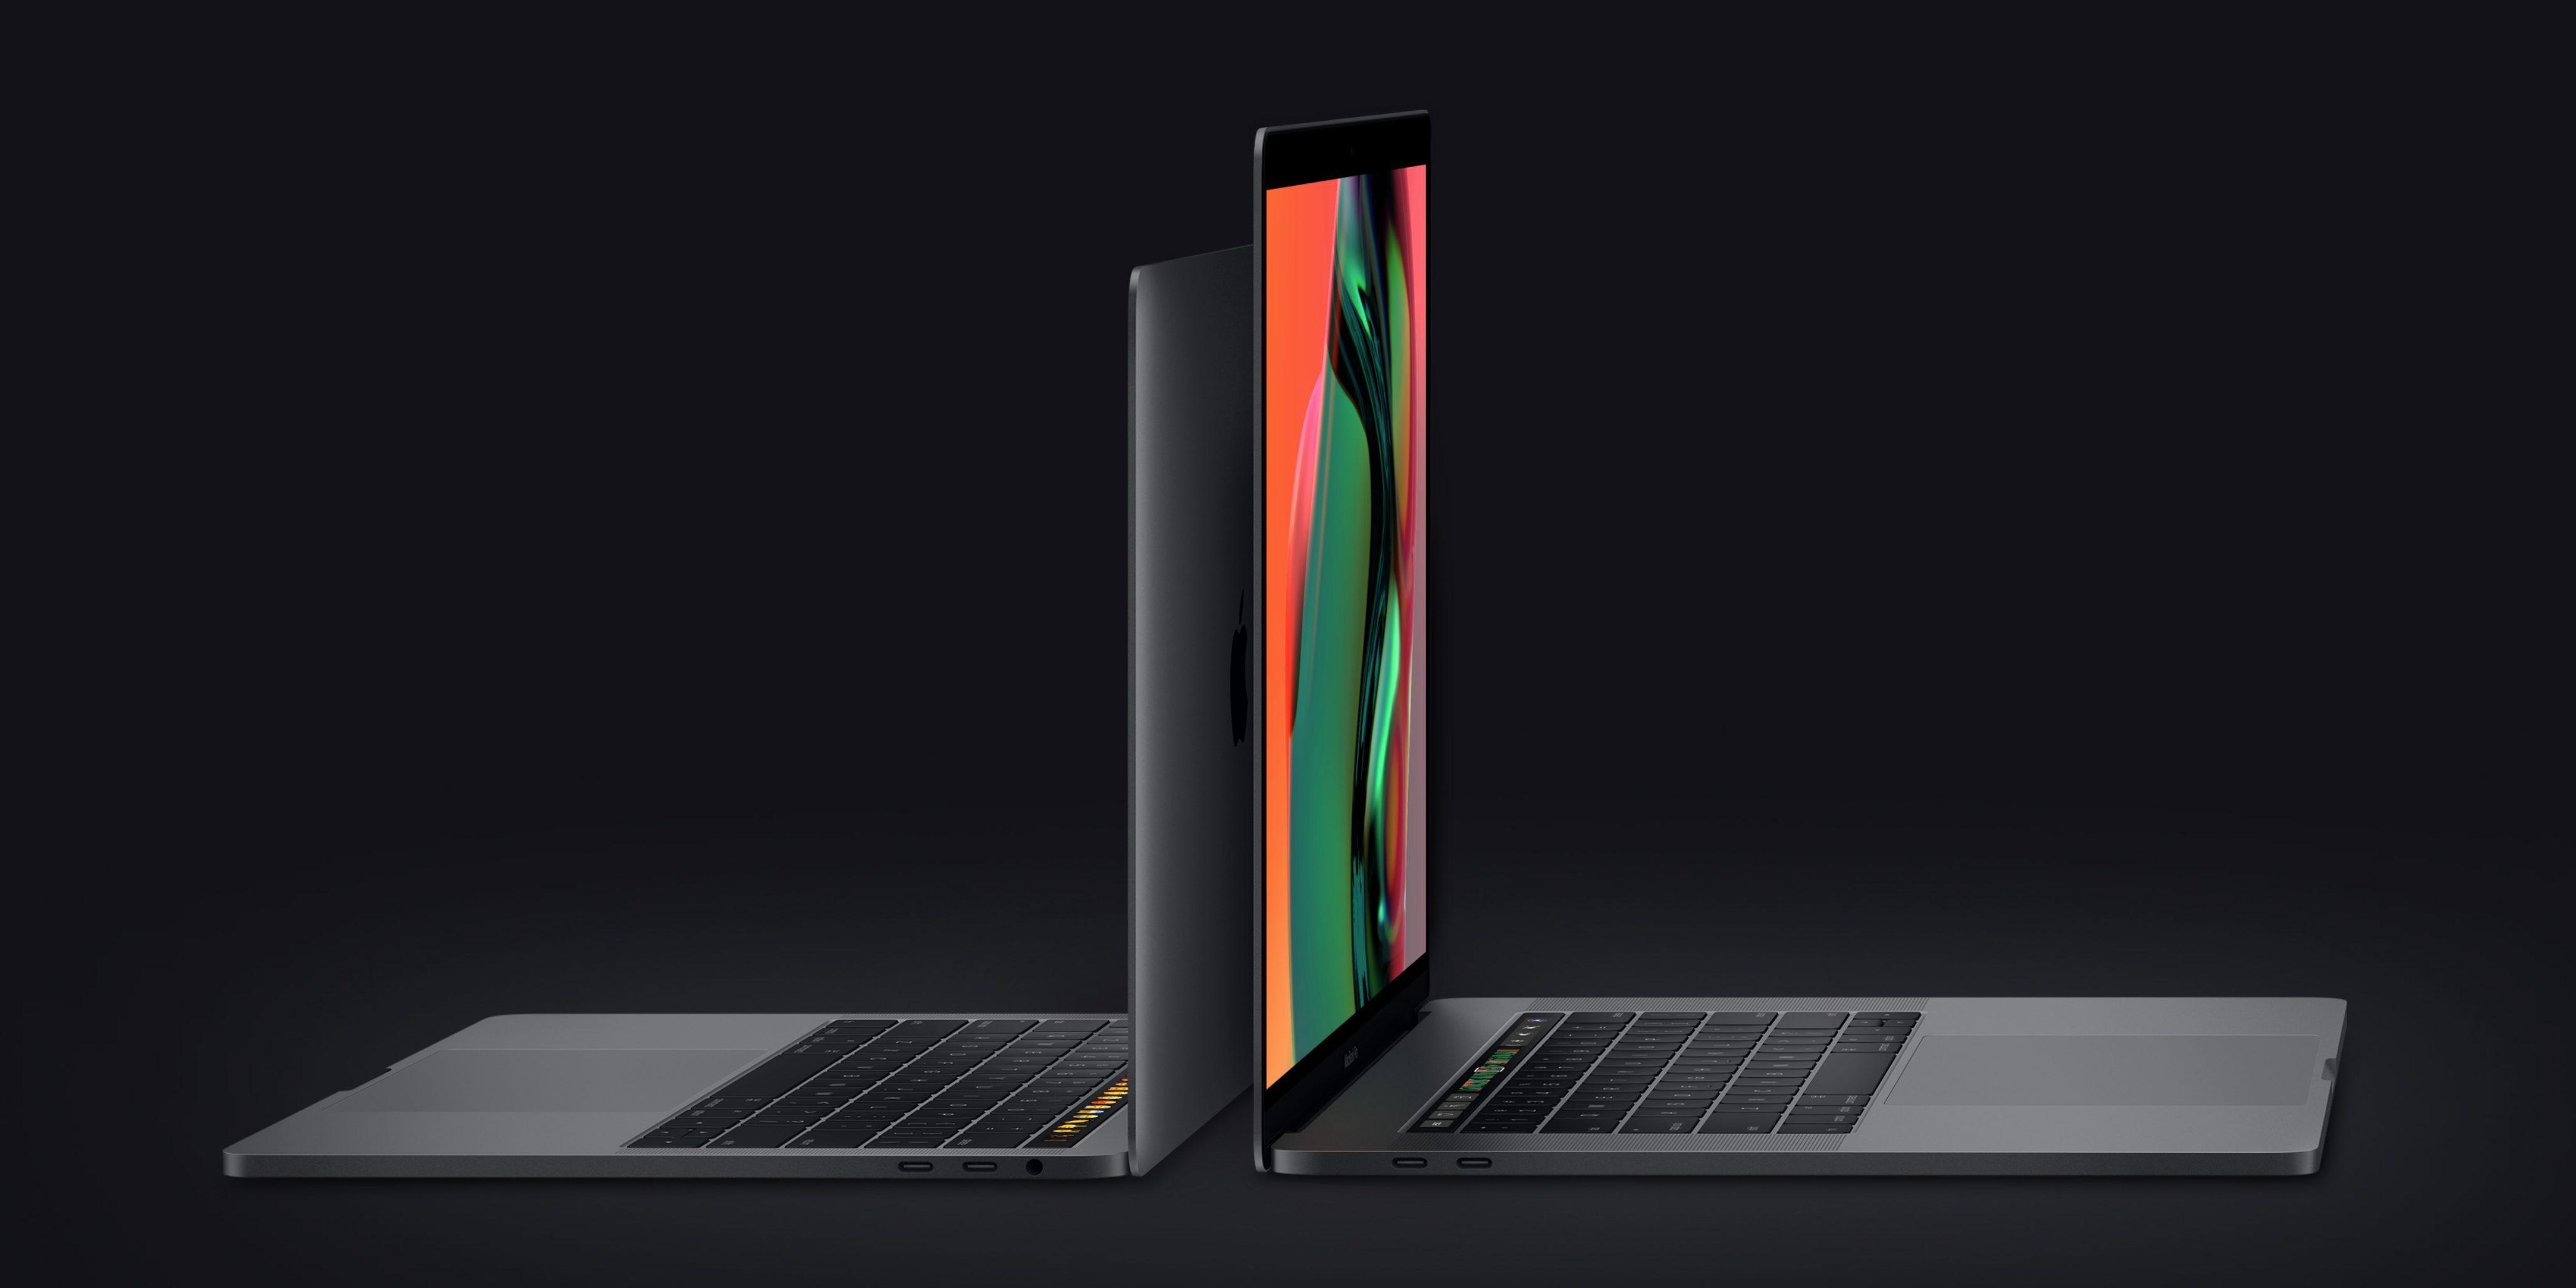 Rò rỉ thông tin loạt sản phẩm mới của Apple trong năm 2019